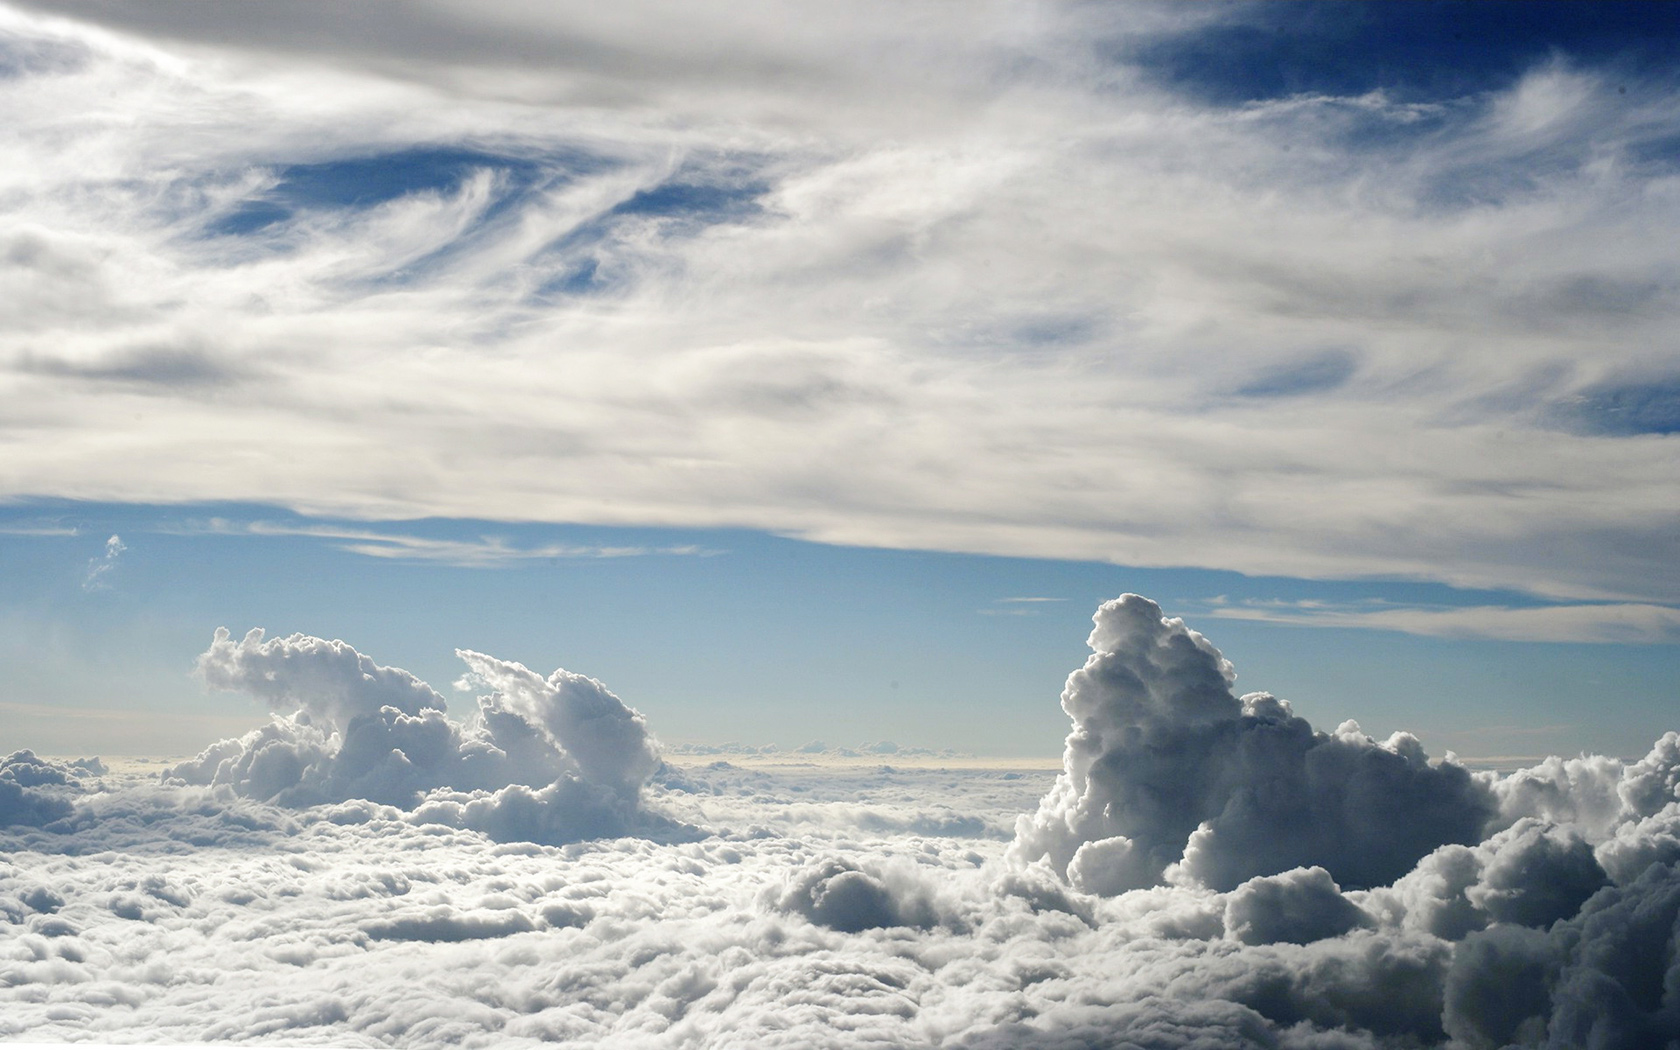 desktop wallpaper of amazing clouds computer desktop wallpaper 1680x1050